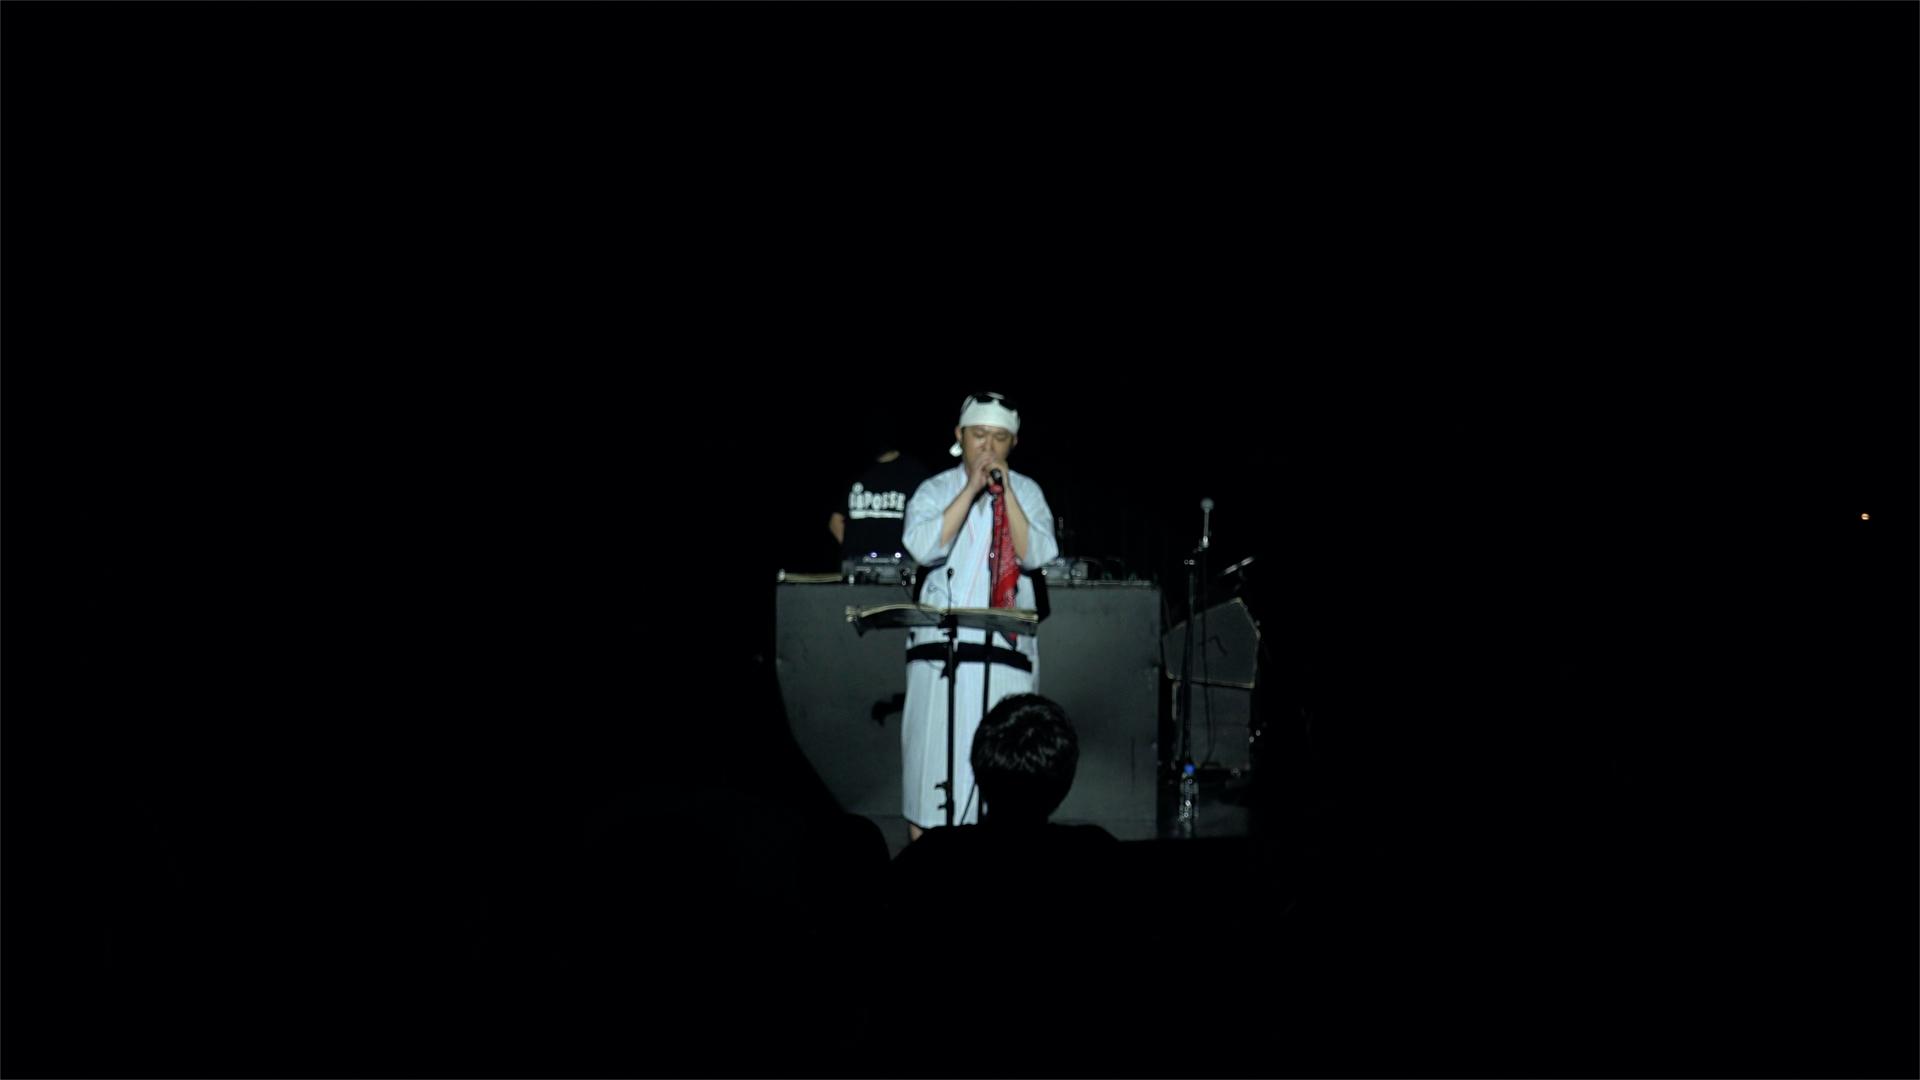 小林勝行2ndアルバム発表までに密着したドキュメンタリー『寛解の連続』が上映延期も、本来の上映期間に有料配信決定! film200518_hiphop_documentary_06